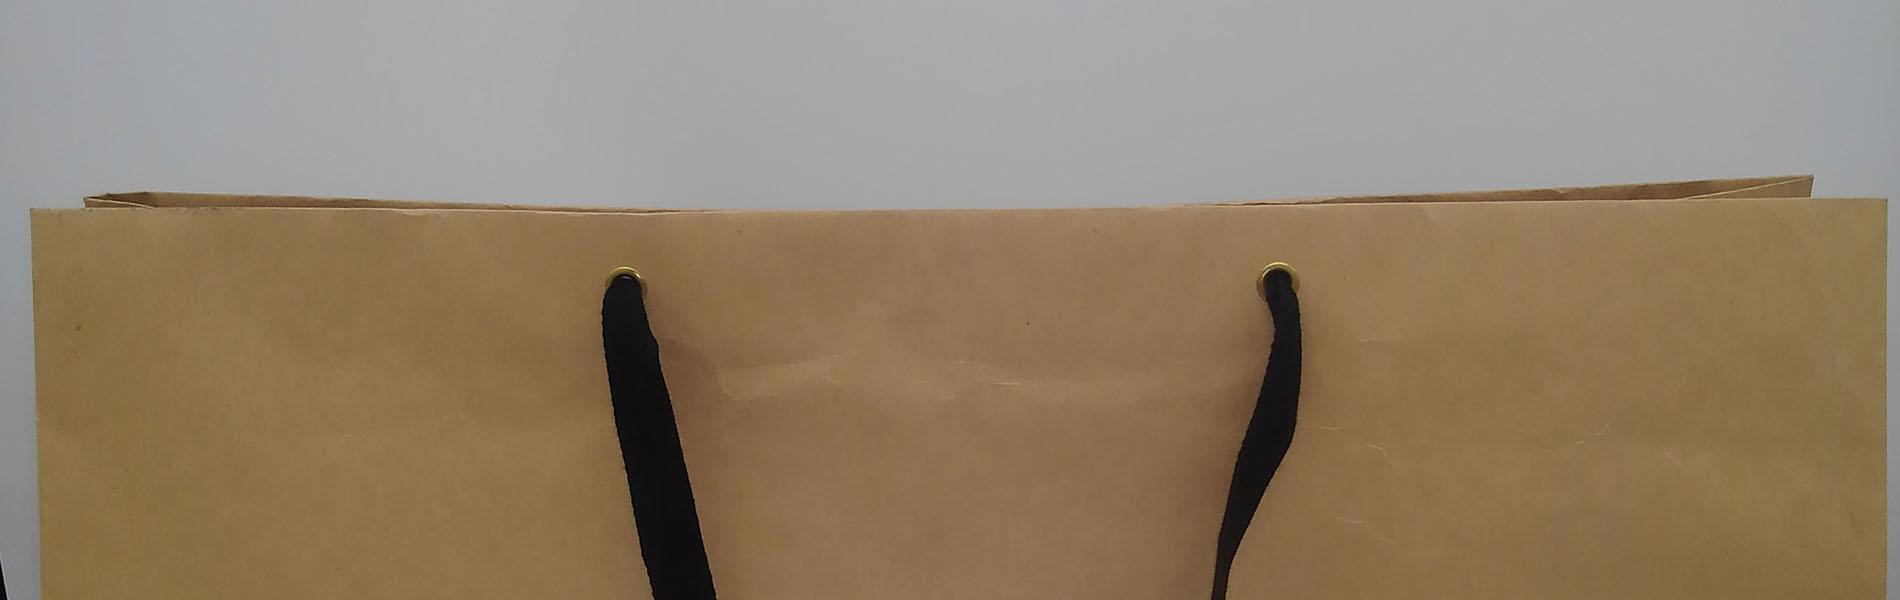 枚葉手貼手提袋